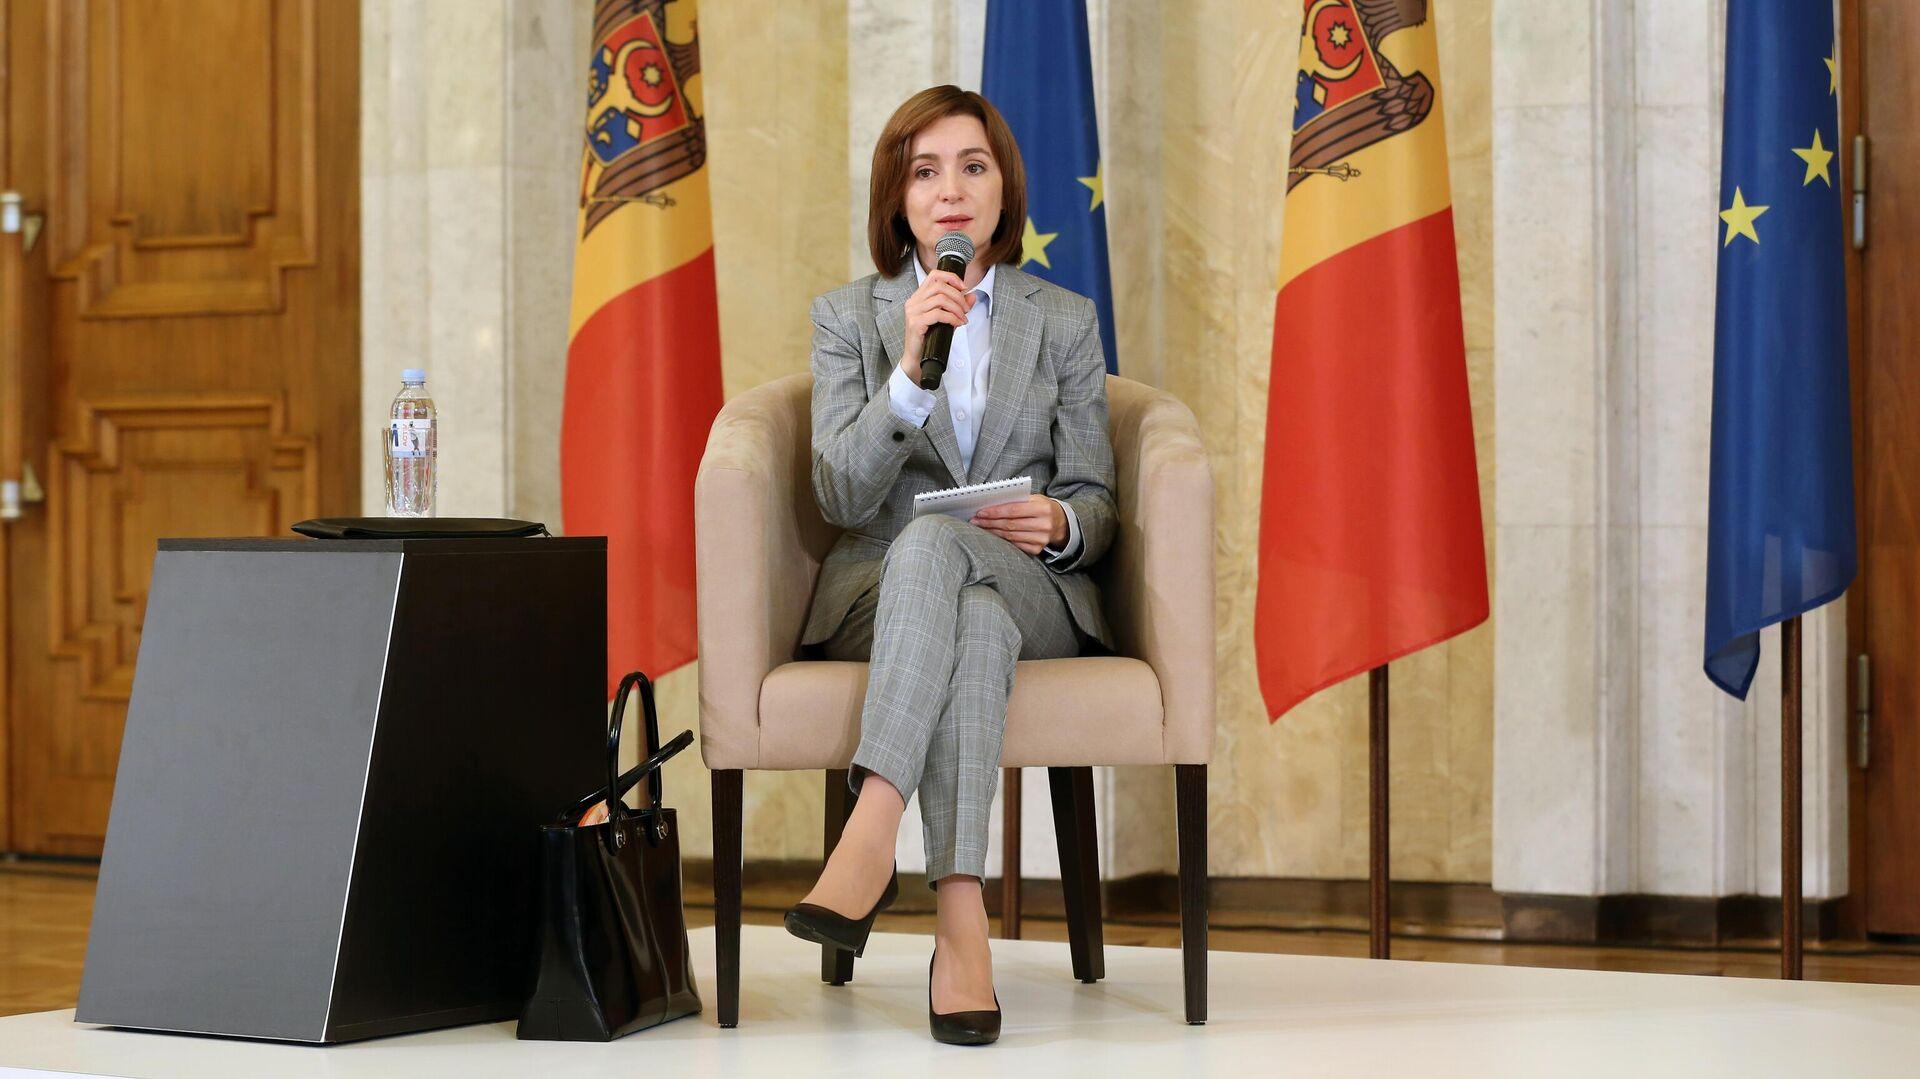 Избранный президент Молдавии Майя Санду на пресс-конференции в Кишиневе - РИА Новости, 1920, 30.11.2020